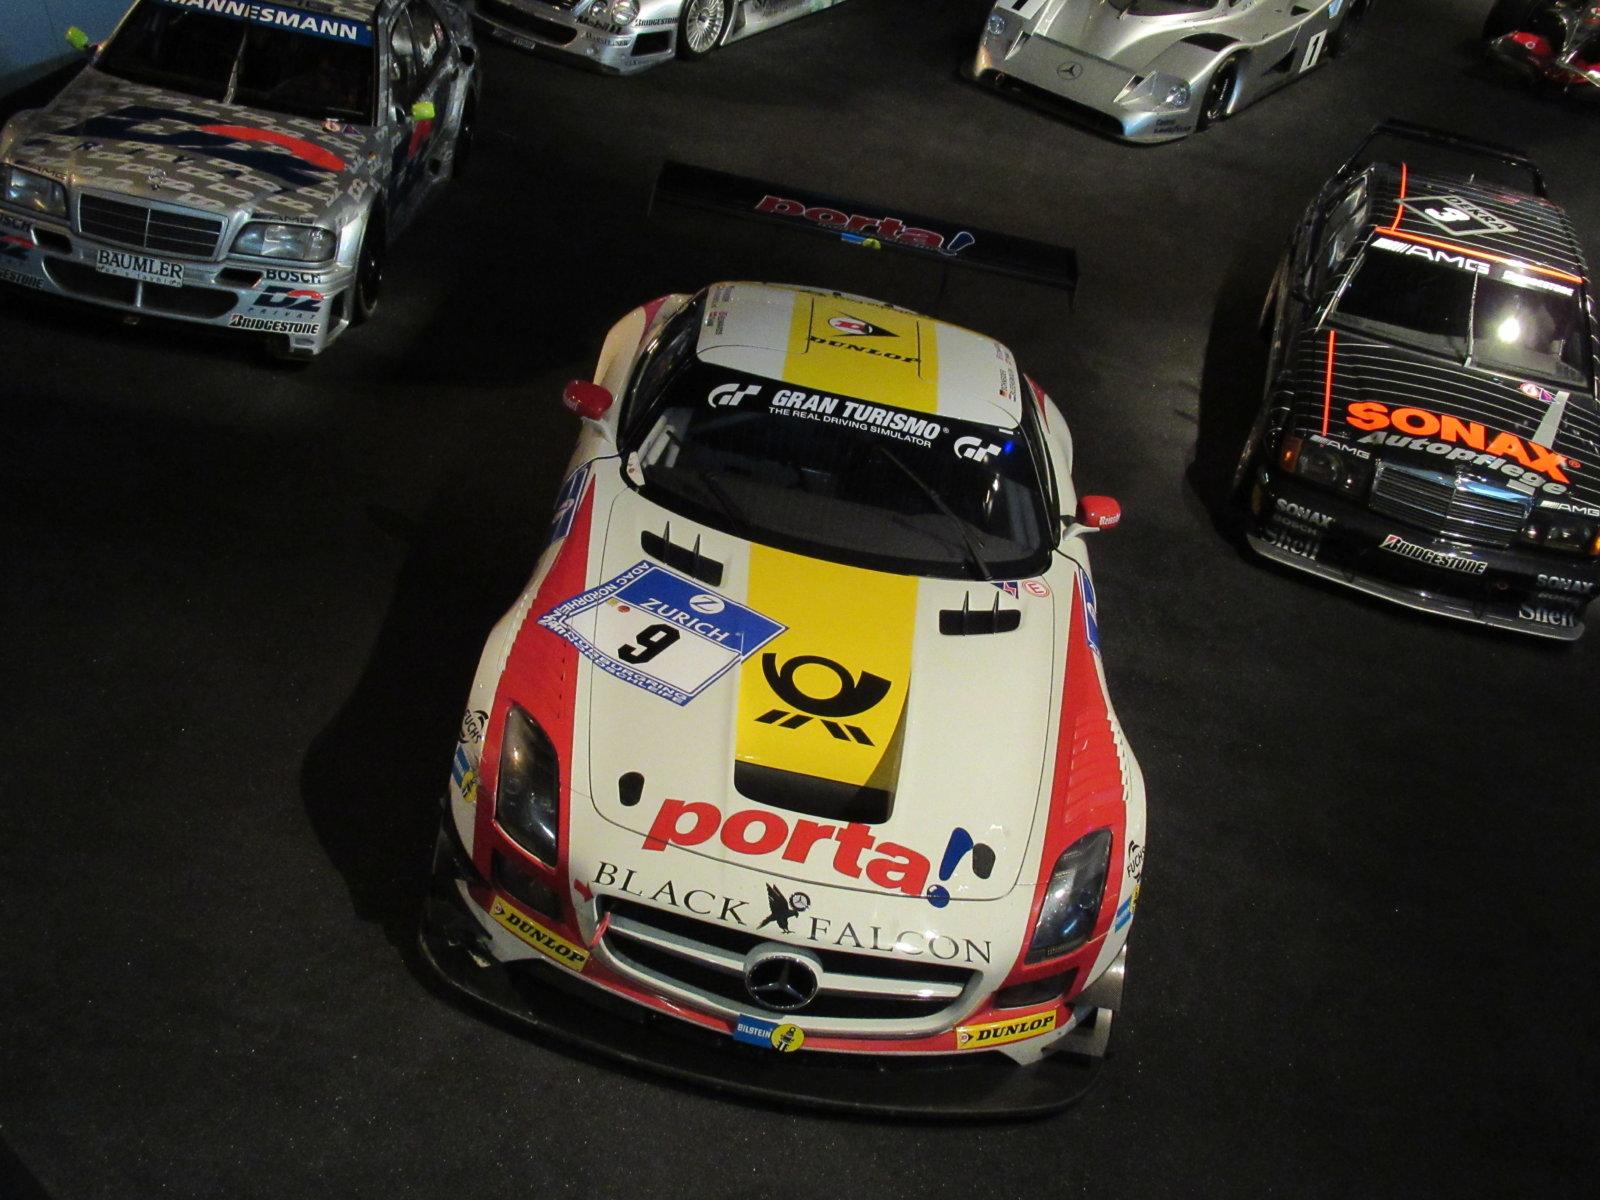 07-26 MB Race Car 03